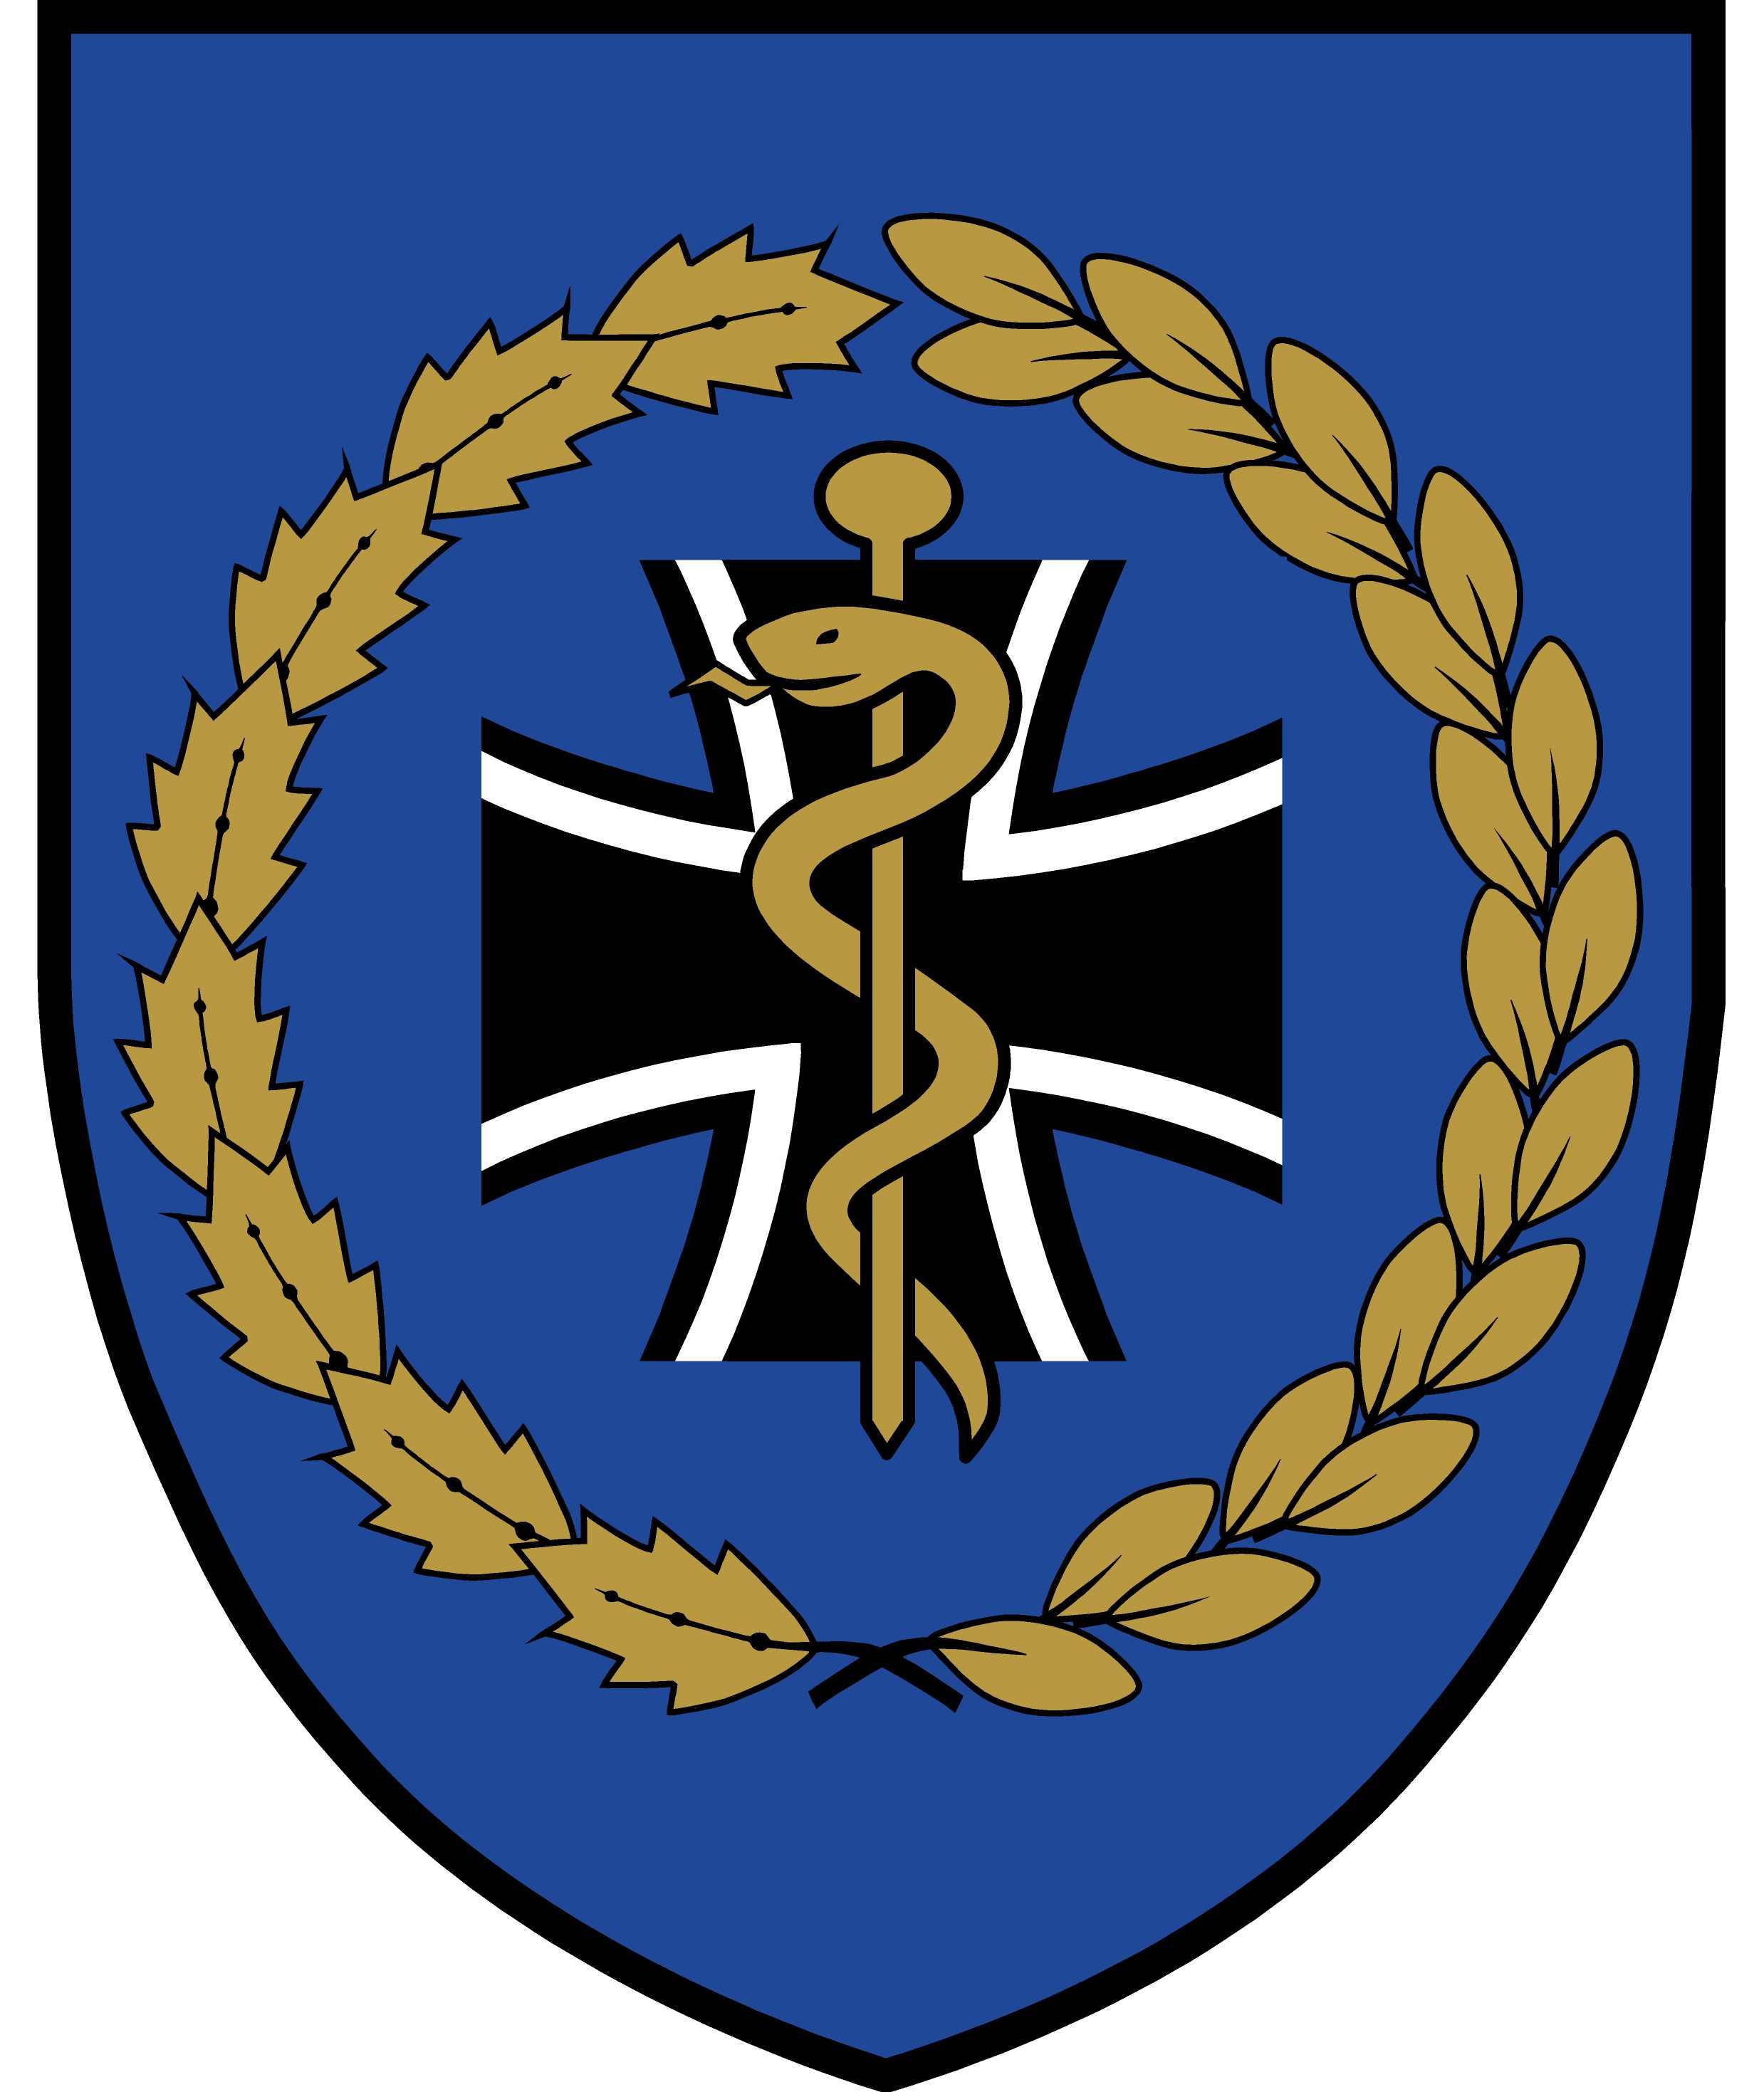 Sanitätsdienst bundeswehr wappen  Datei:Zentrales Institut des Sanitätsdienstes der Bundeswehr KOBLENZ ...